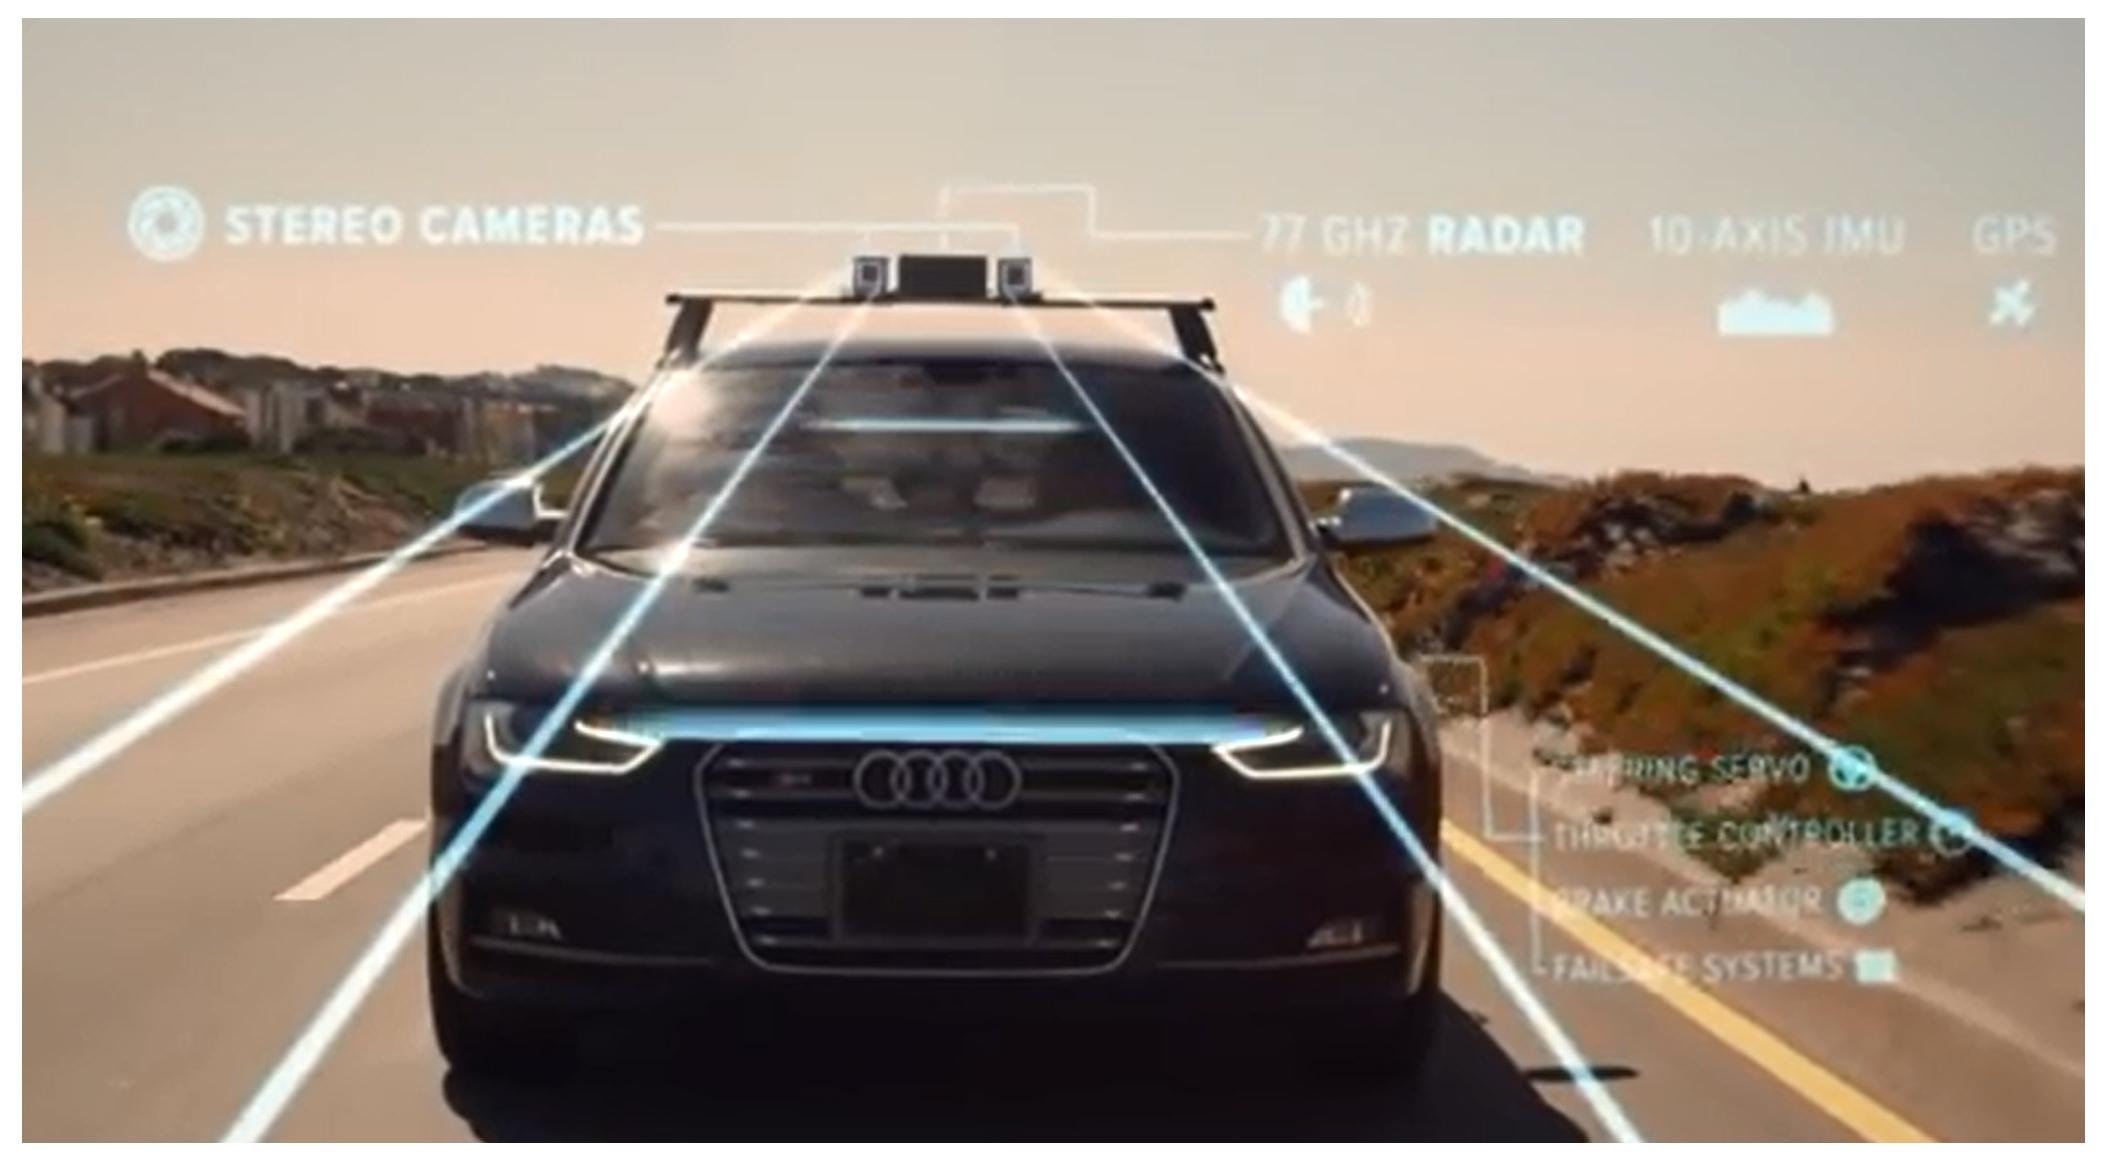 L auto che si guida da solaclub dell 39 innovazione club for L auto che si guida da sola